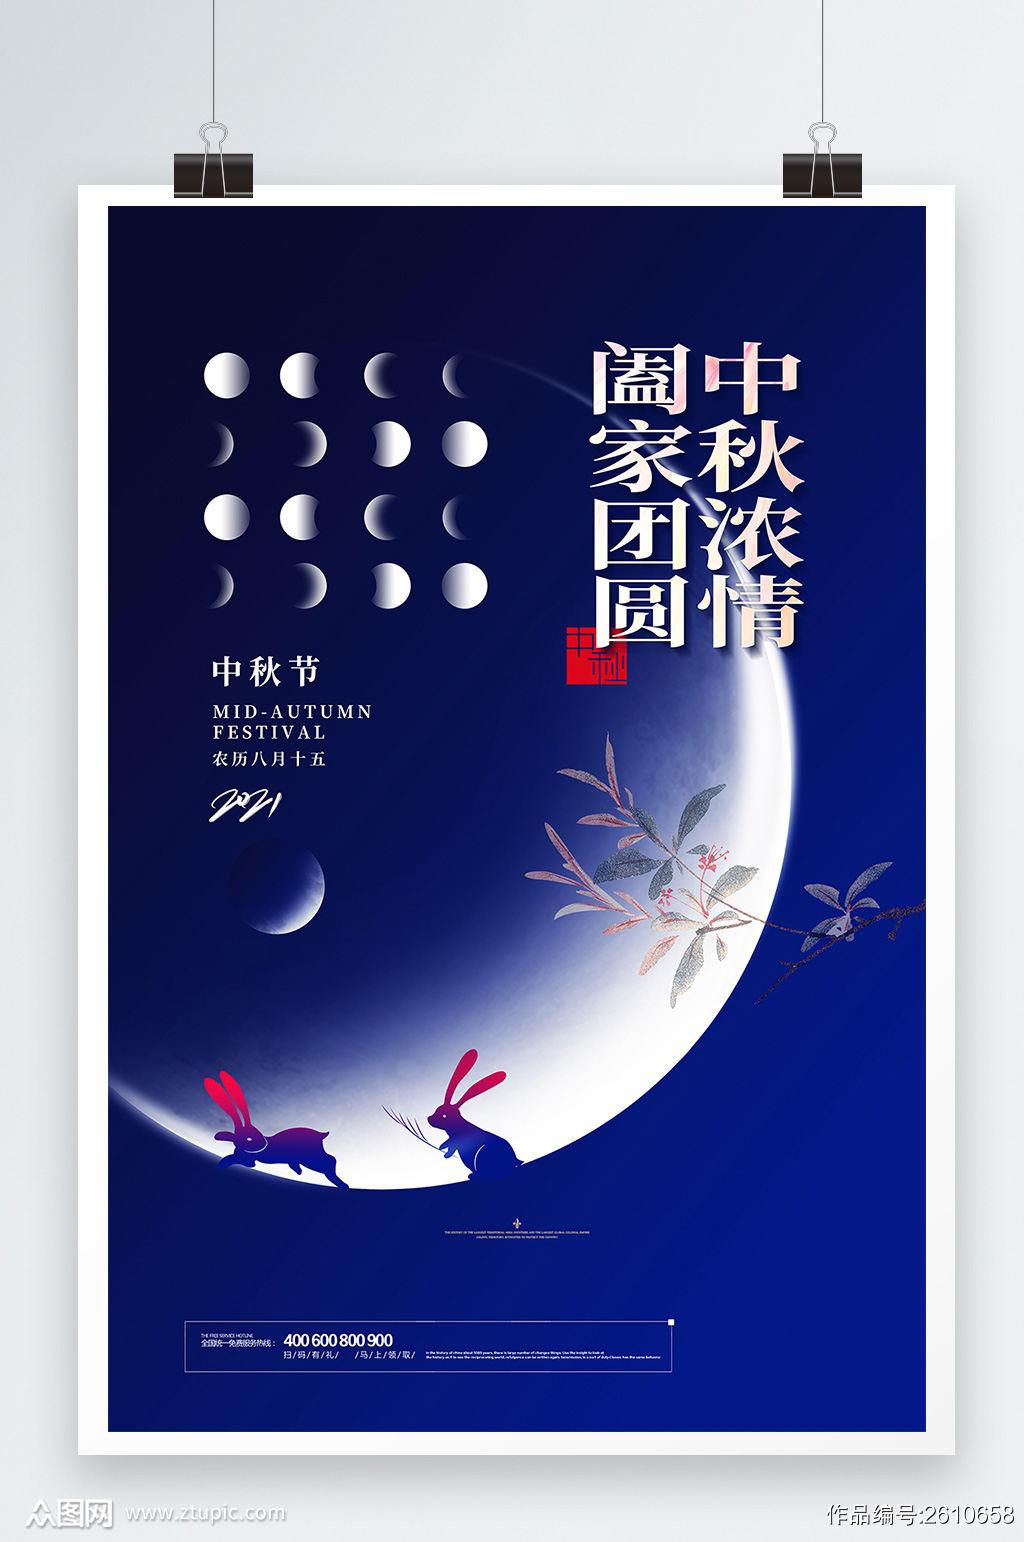 创意蓝色中秋节节日海报素材